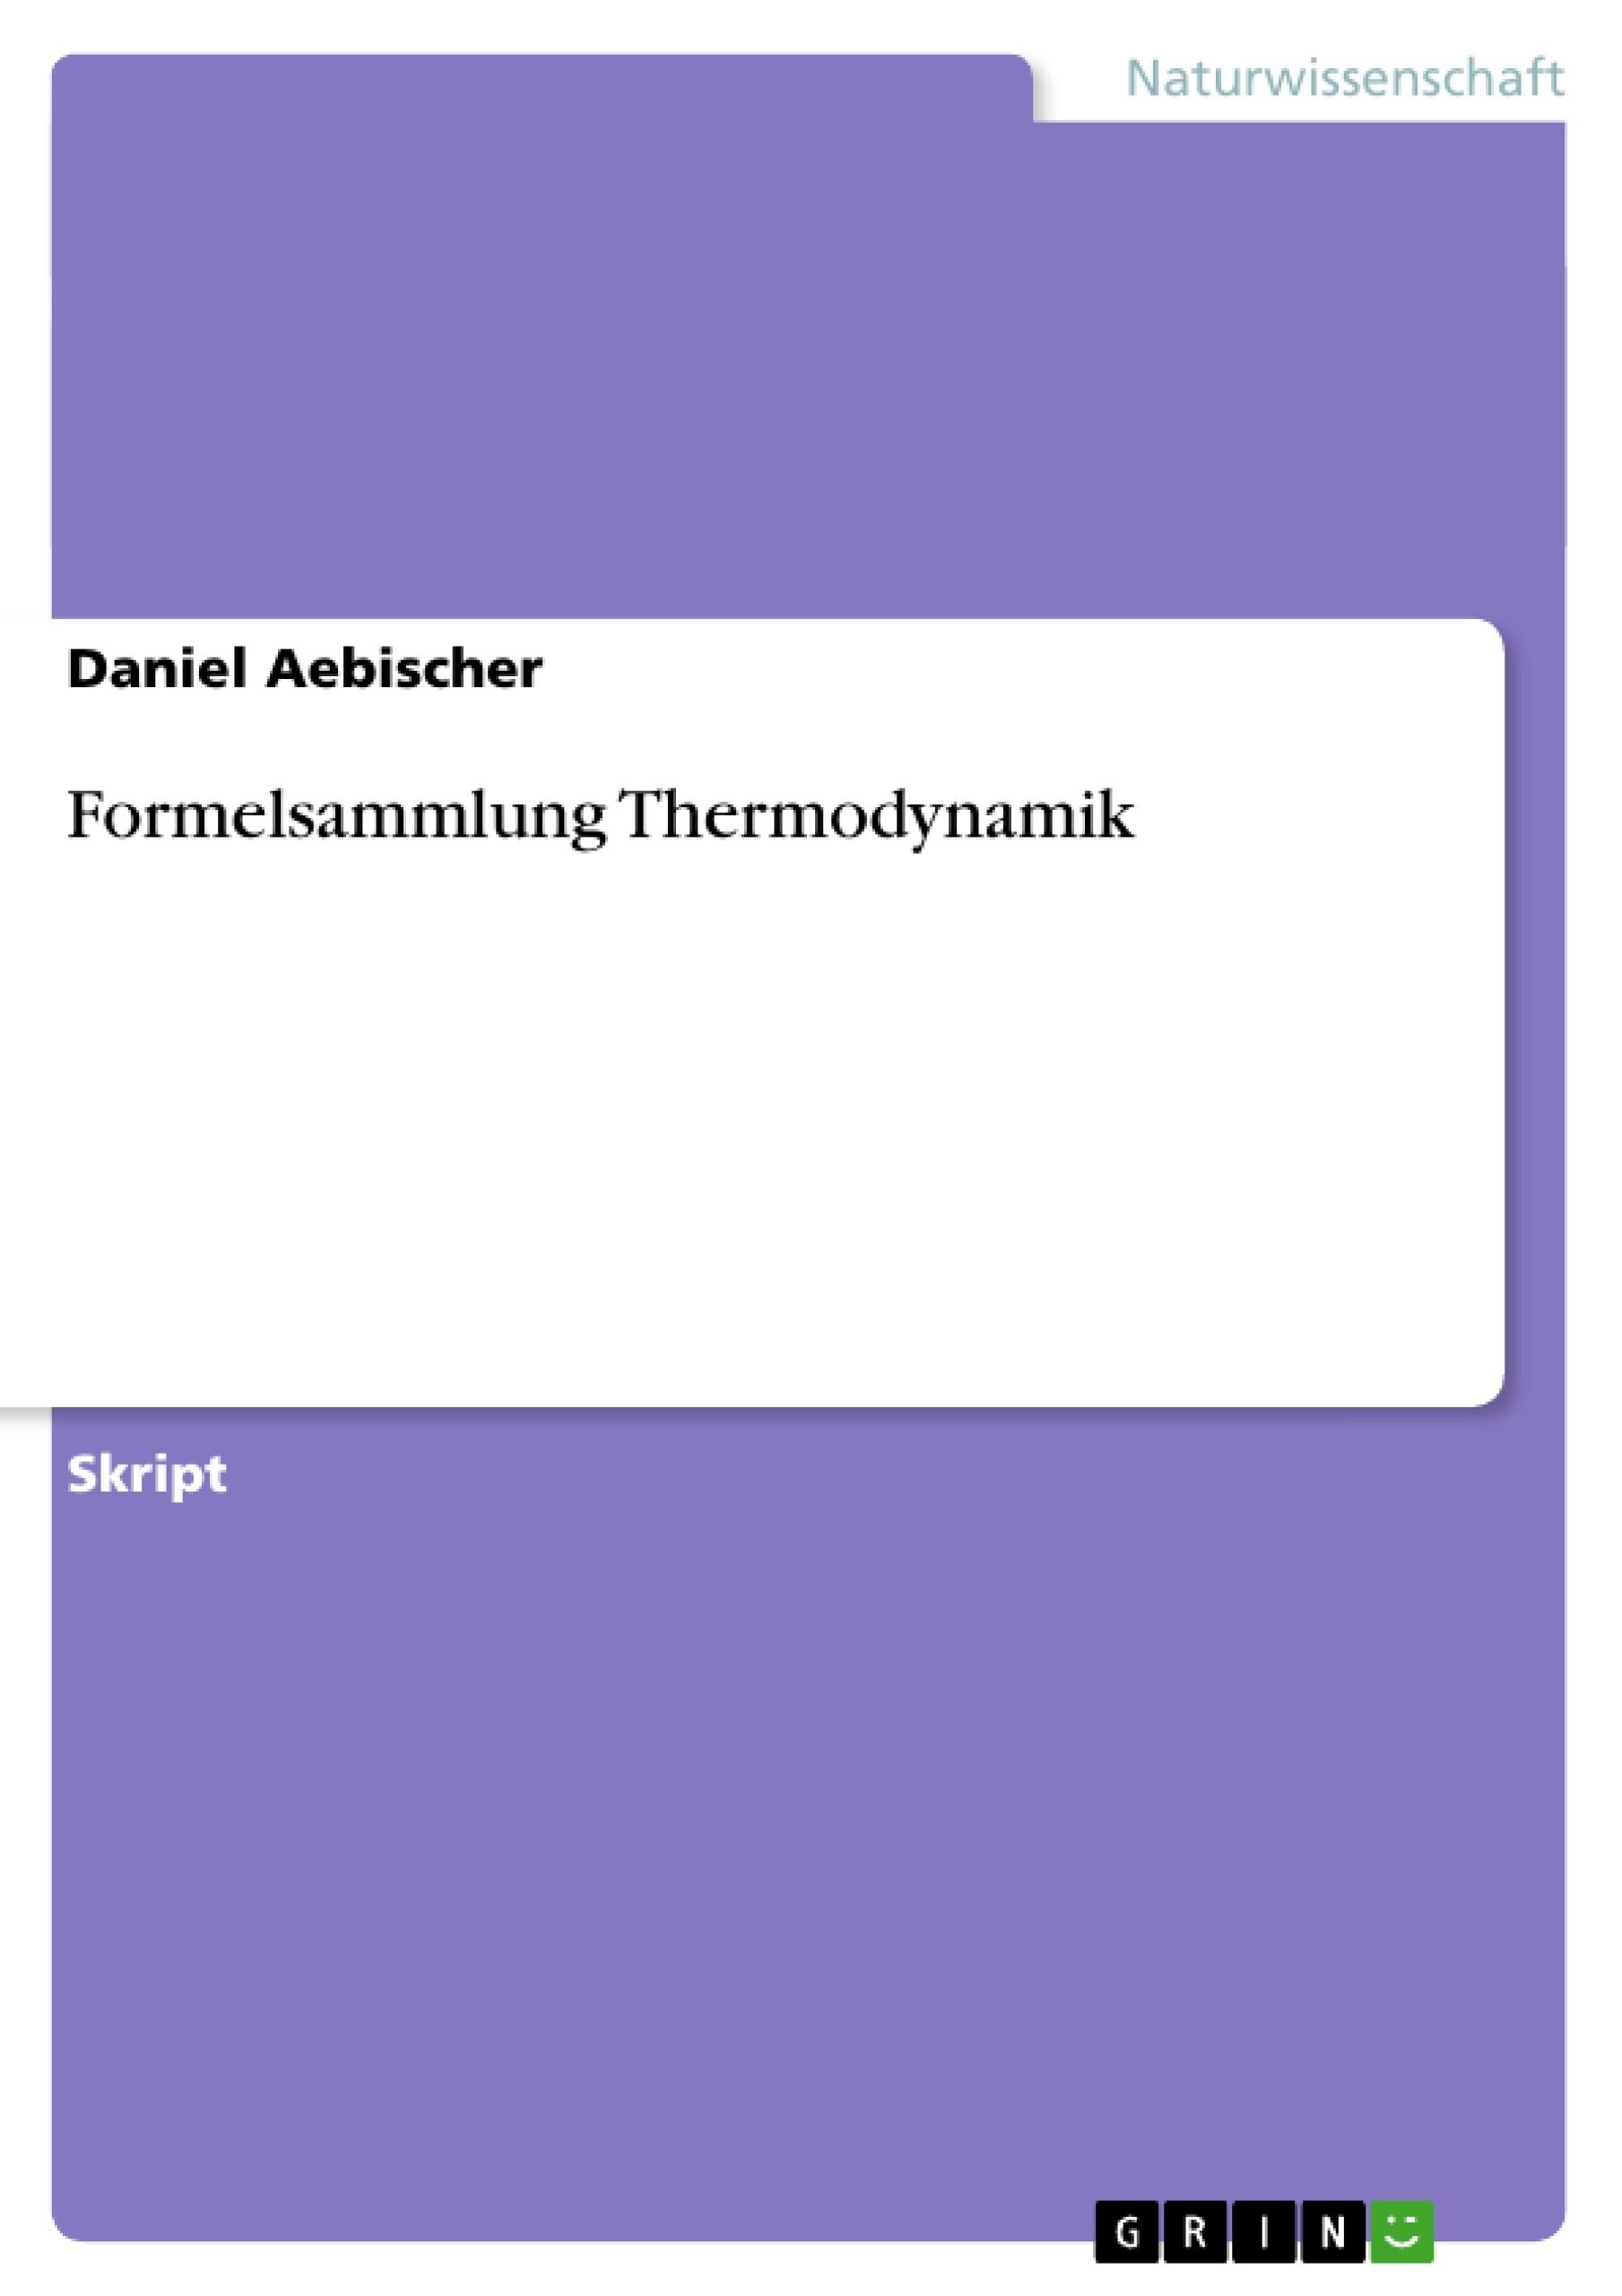 Titel: Formelsammlung Thermodynamik